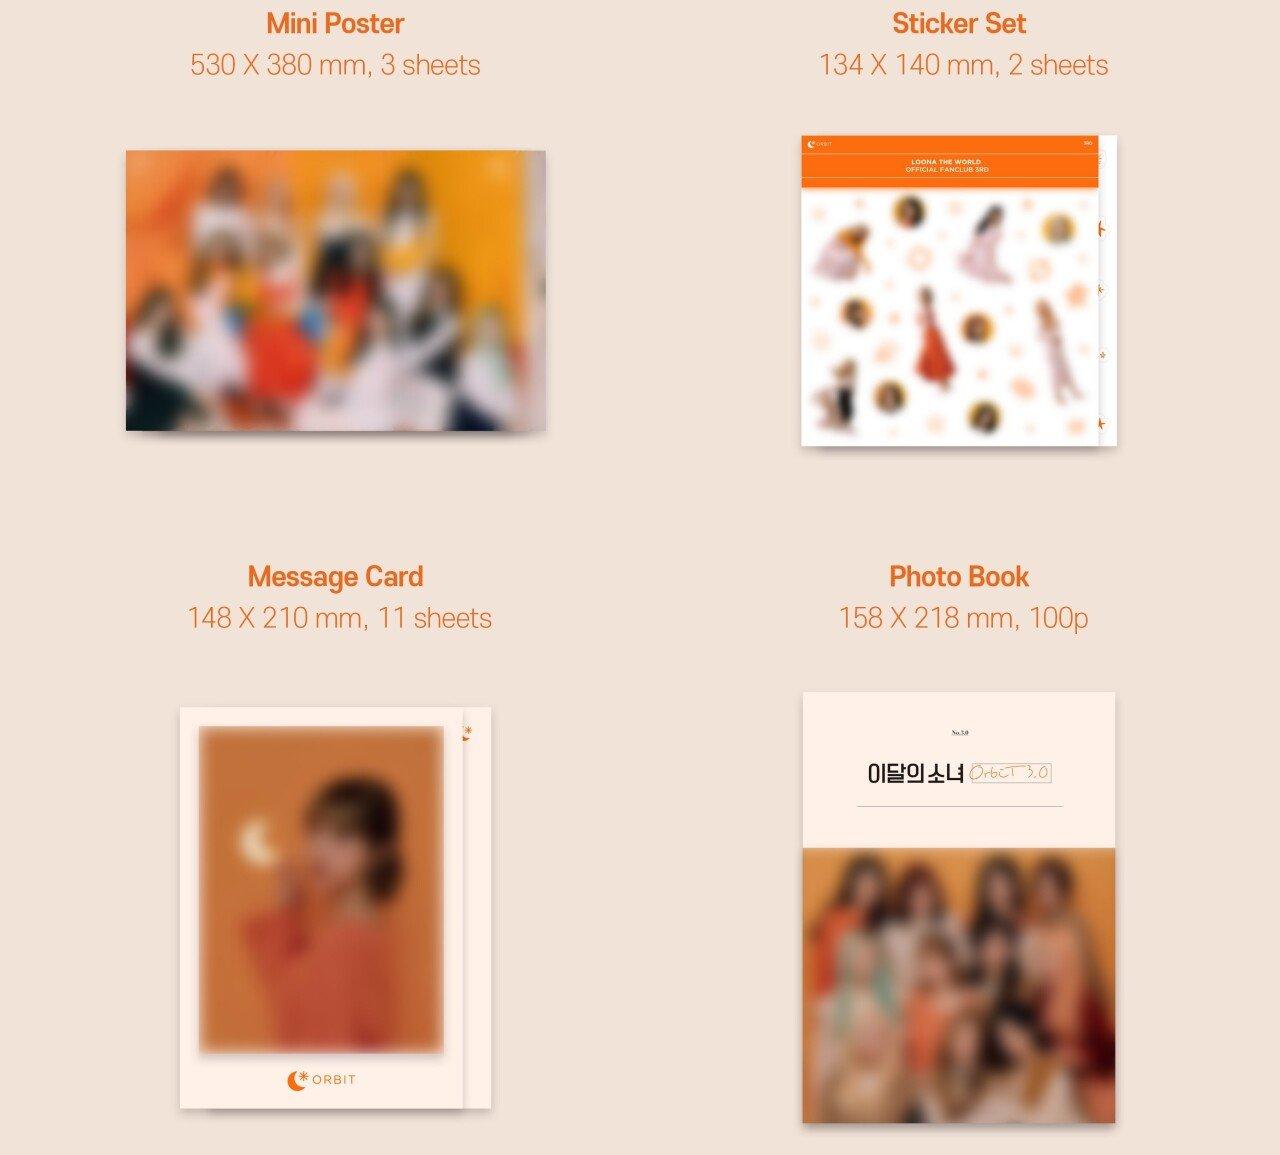 [이달의 소녀] 이달의 소녀 (LOONA) 공식 팬클럽 Orbit 3기 MD 안내